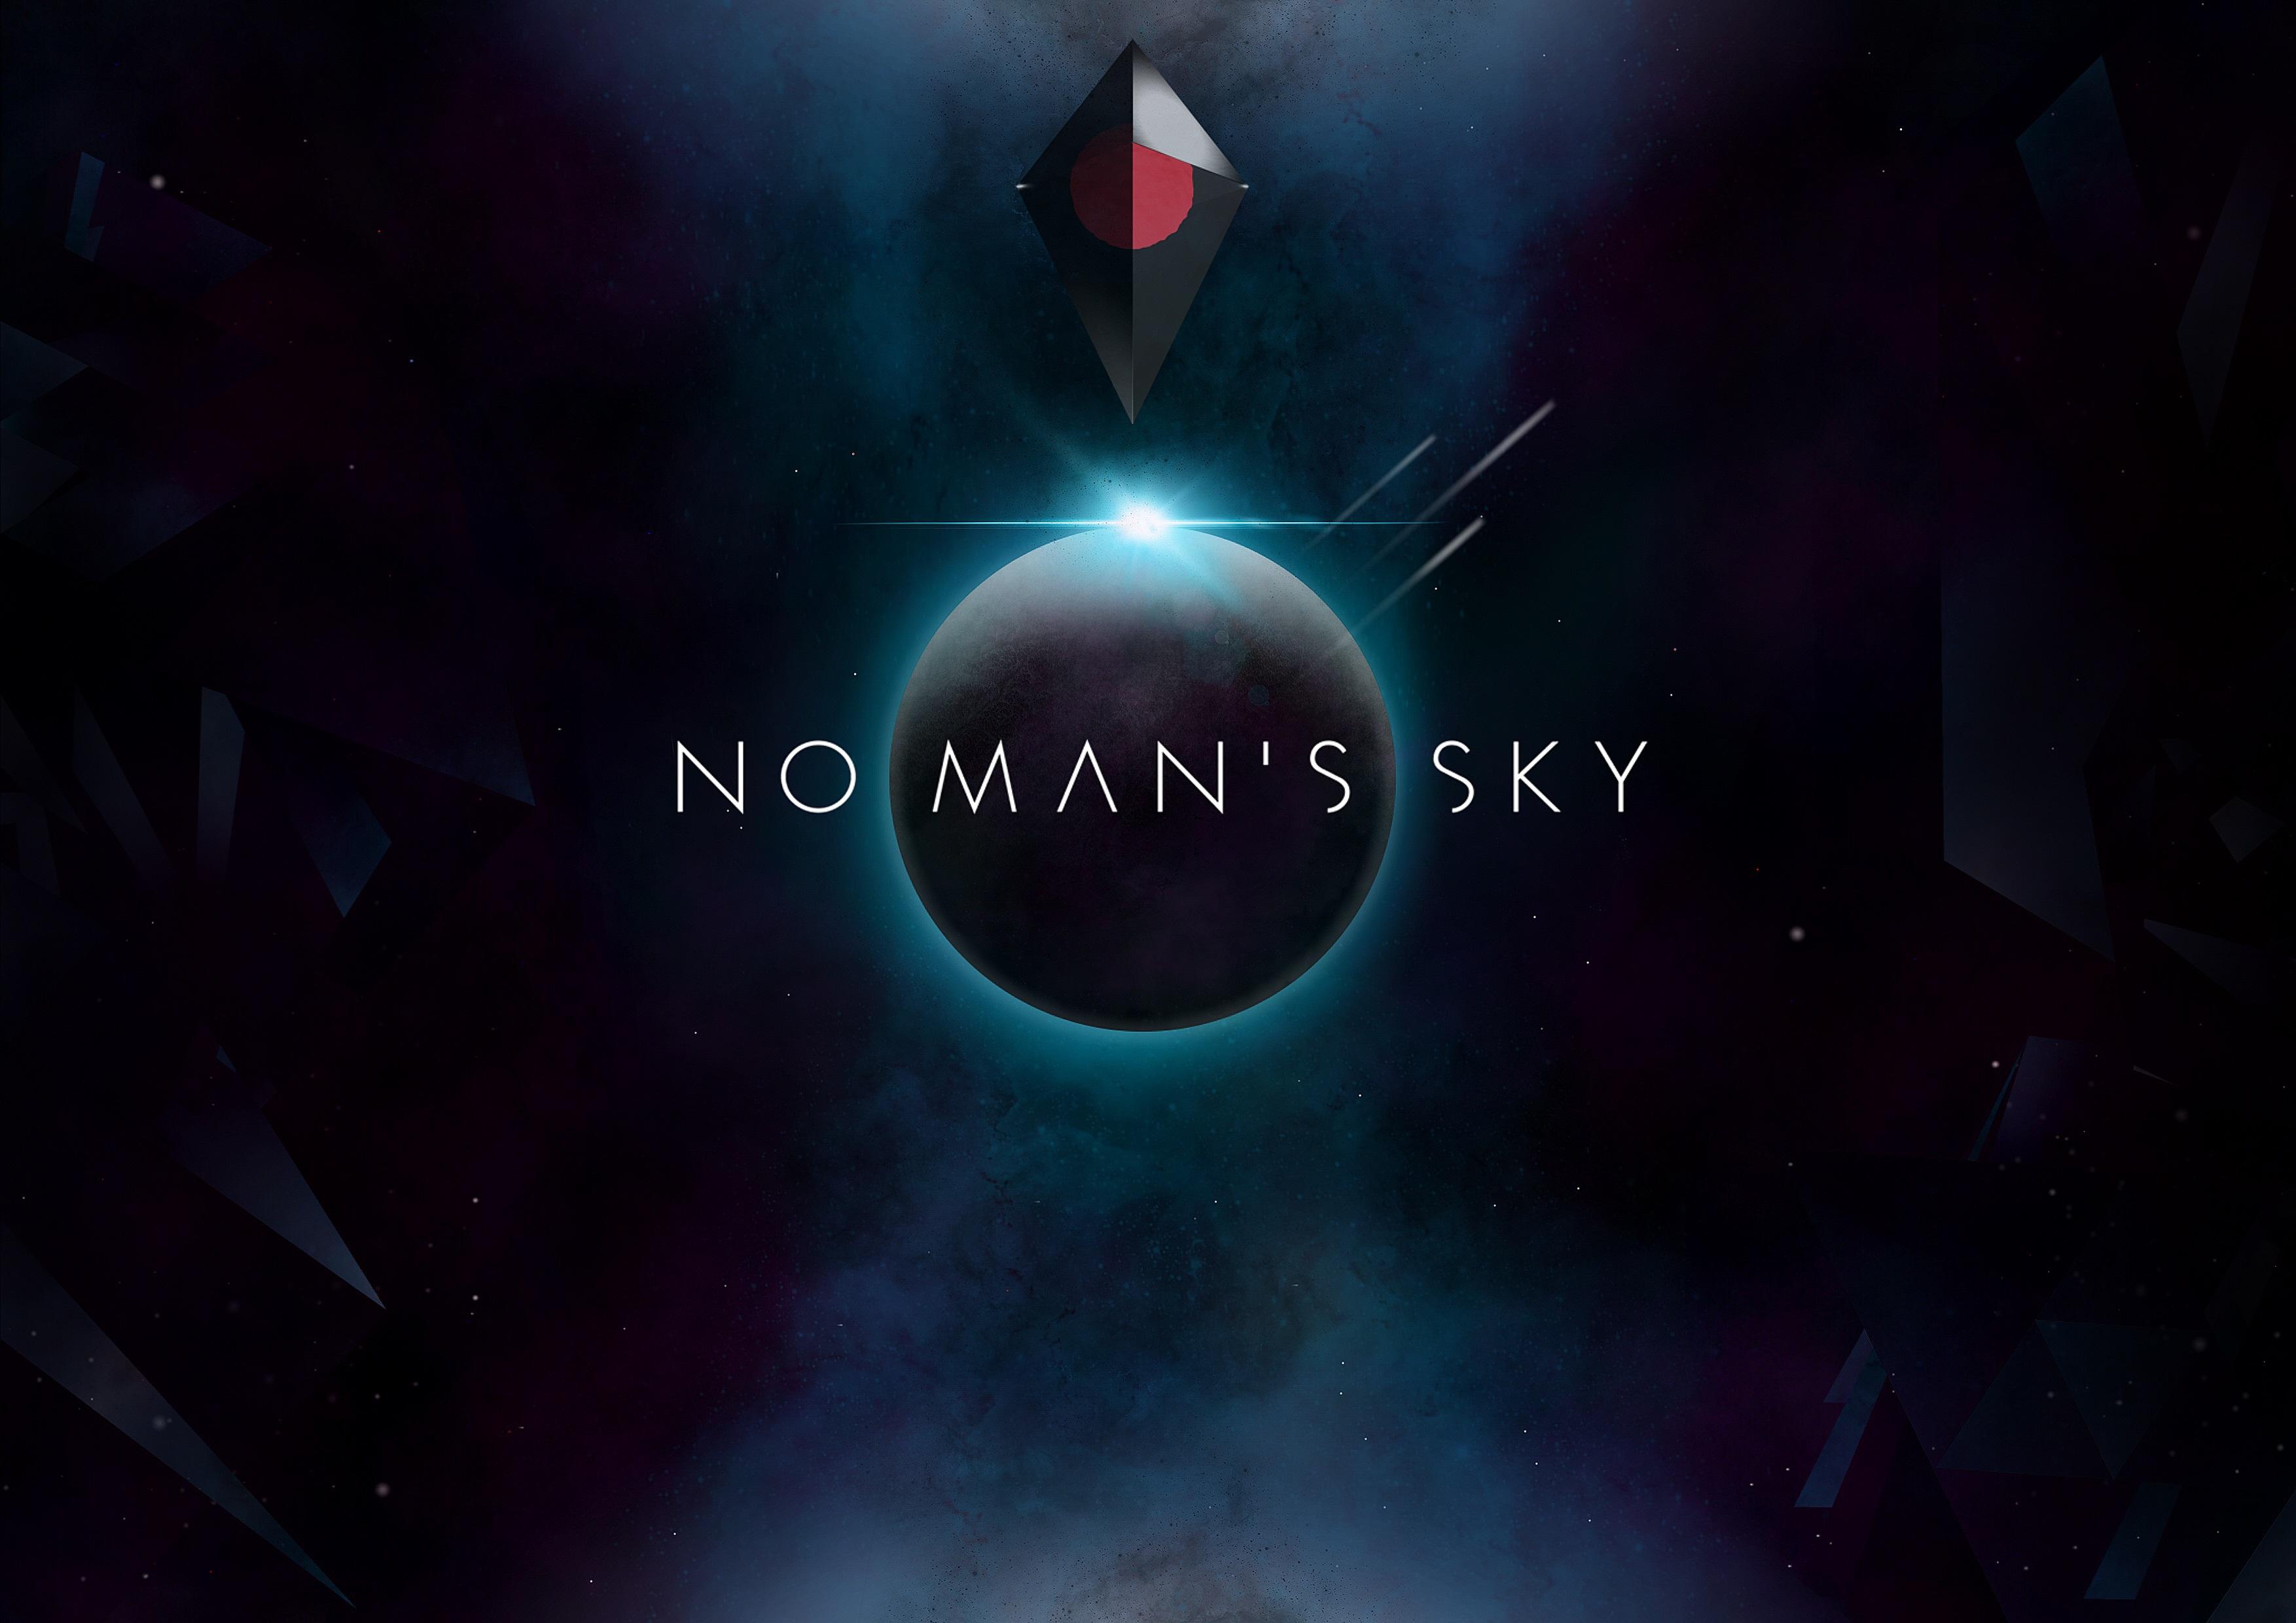 No Man's Sky Wallpaper 3508x2480